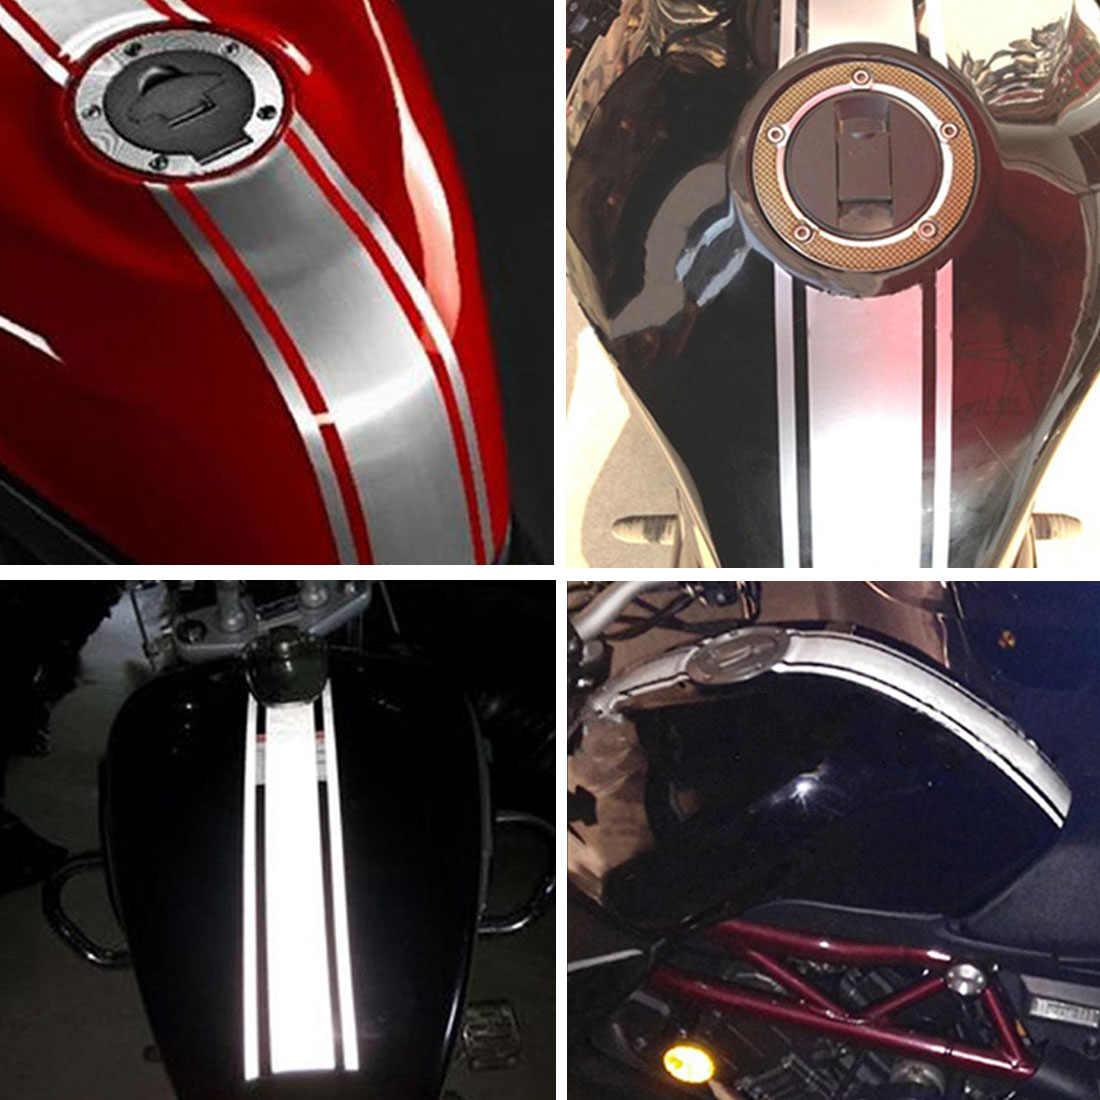 รถจักรยานยนต์สติกเกอร์สะท้อนแสงการใช้ถังน้ำมัน Pad Decal Decor สำหรับ HONDA CB190R VT1100 GROM MSX125 Honda XADV 750 X-11